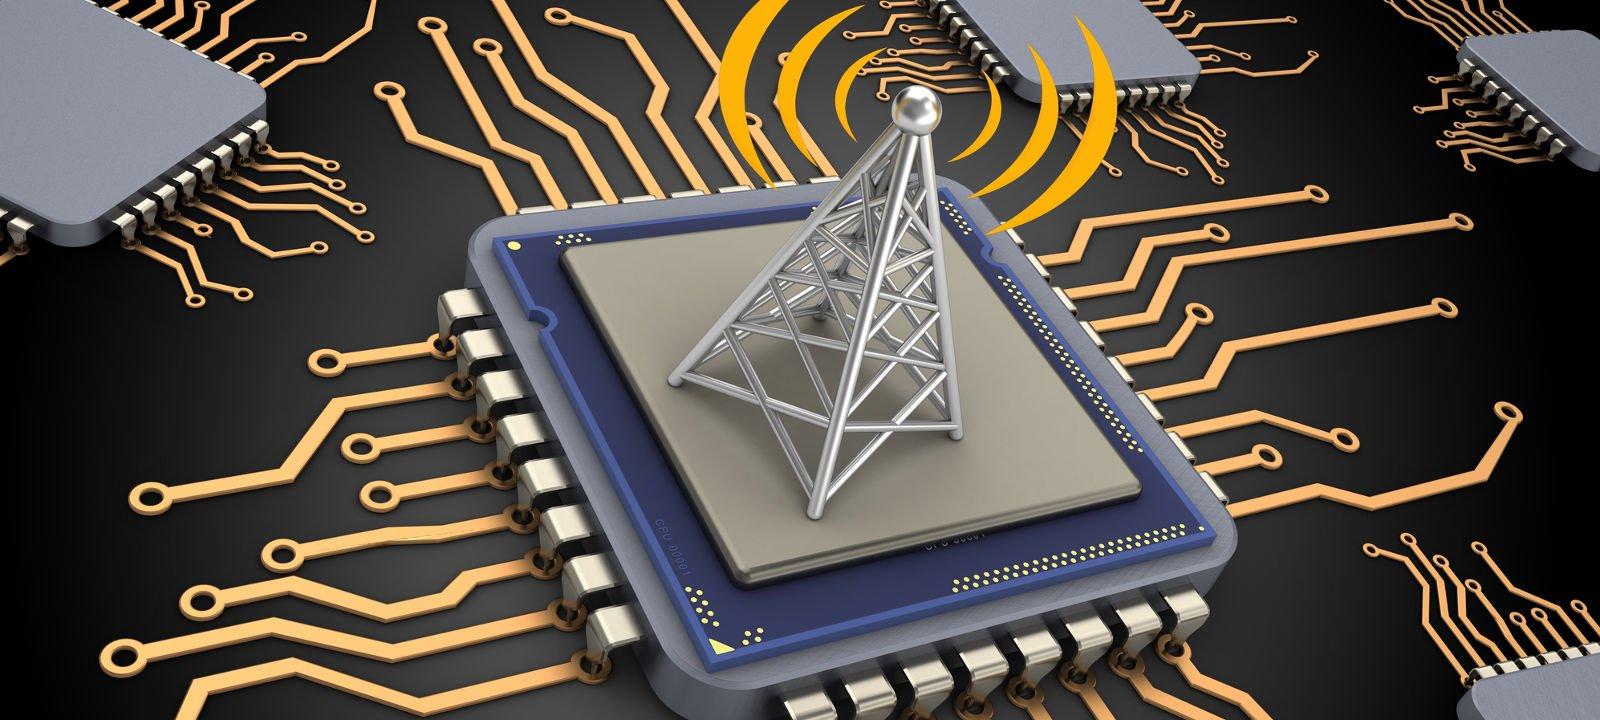 Лучший беспроводной сетевой адаптер для Wi-Fi хакинга в 2019 году